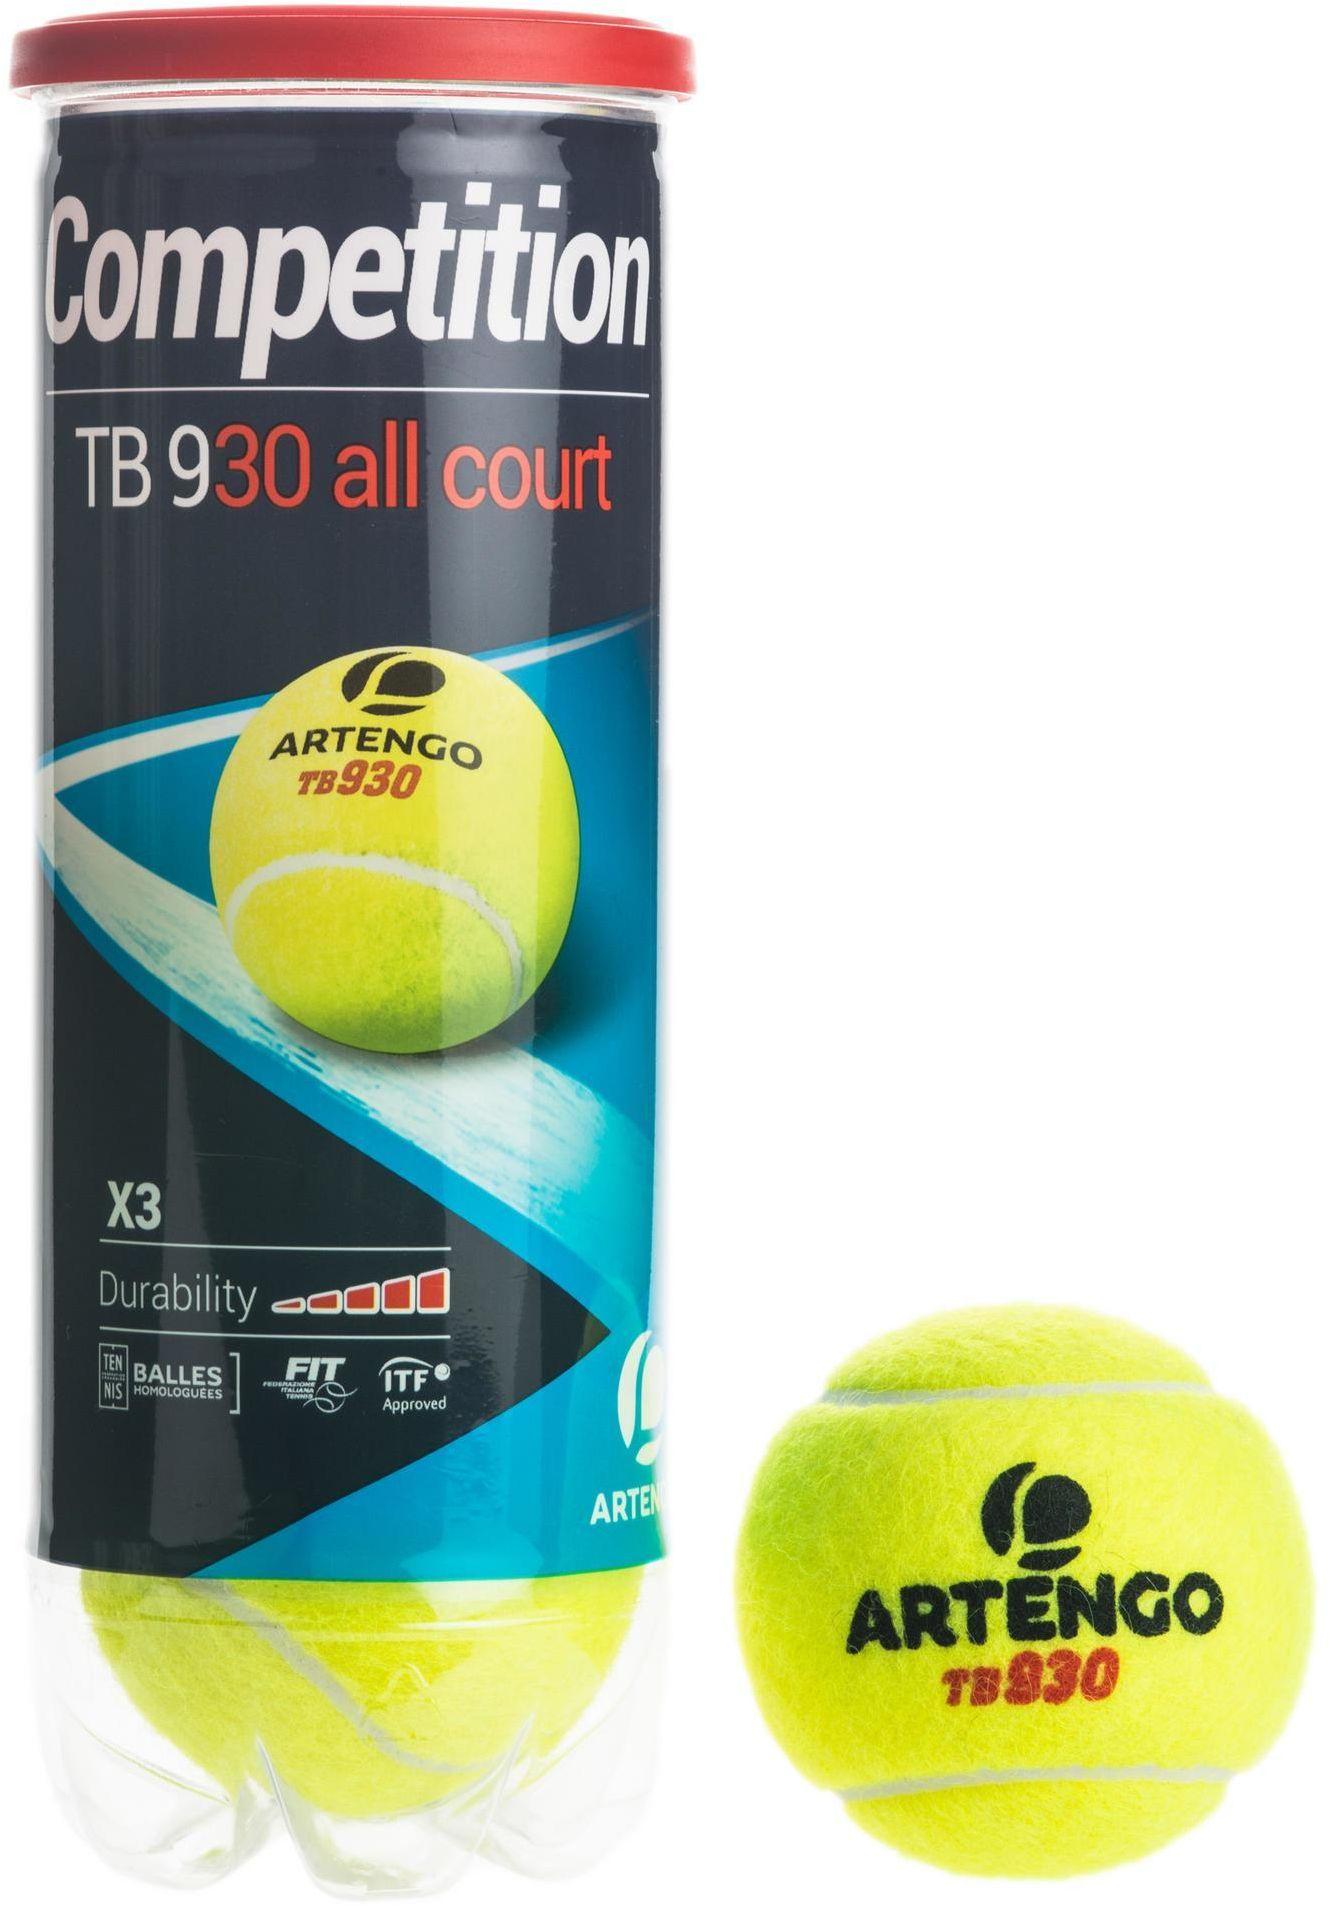 Piłka do tenisa Speed Artengo TB930 *3 żółta